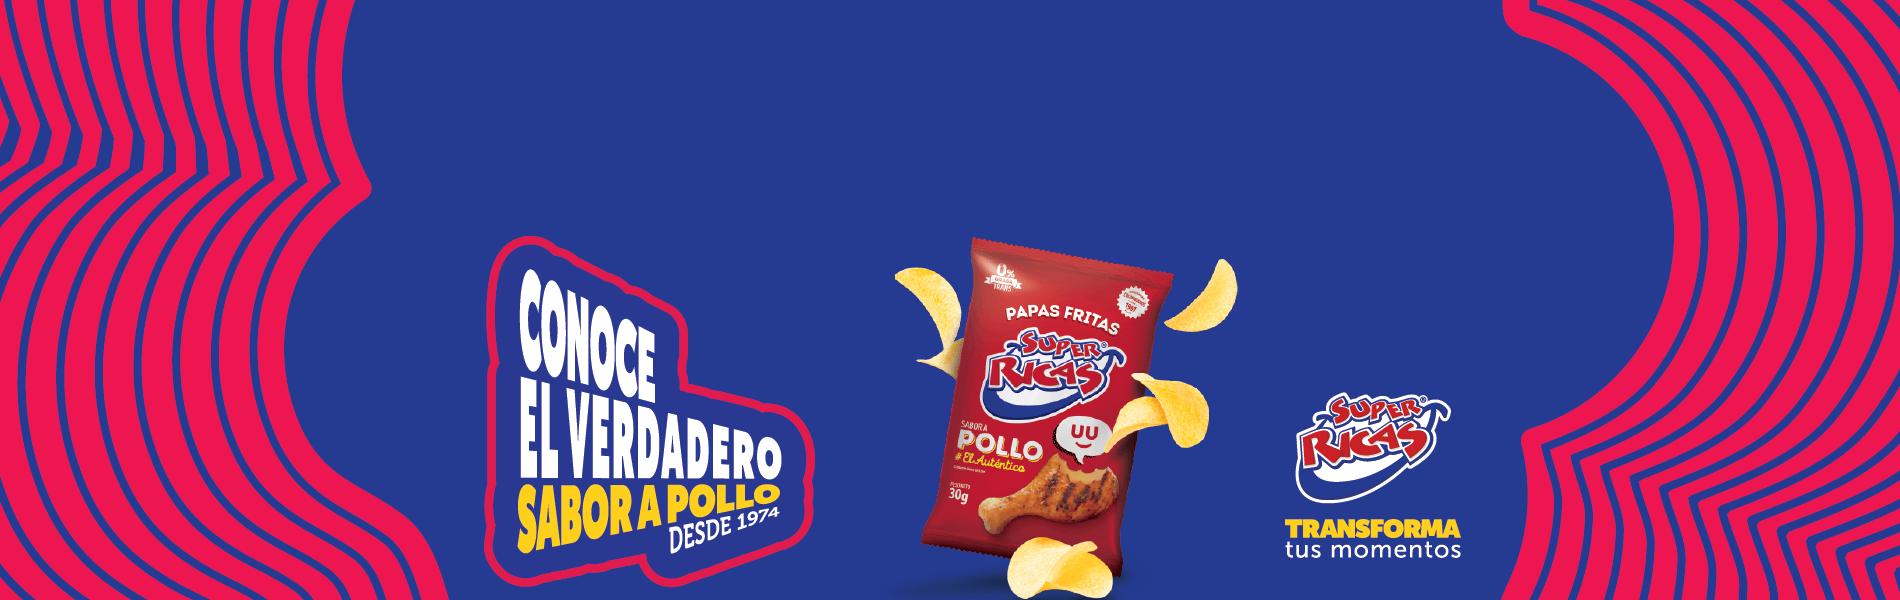 Slide Conoce el verdadero sabor